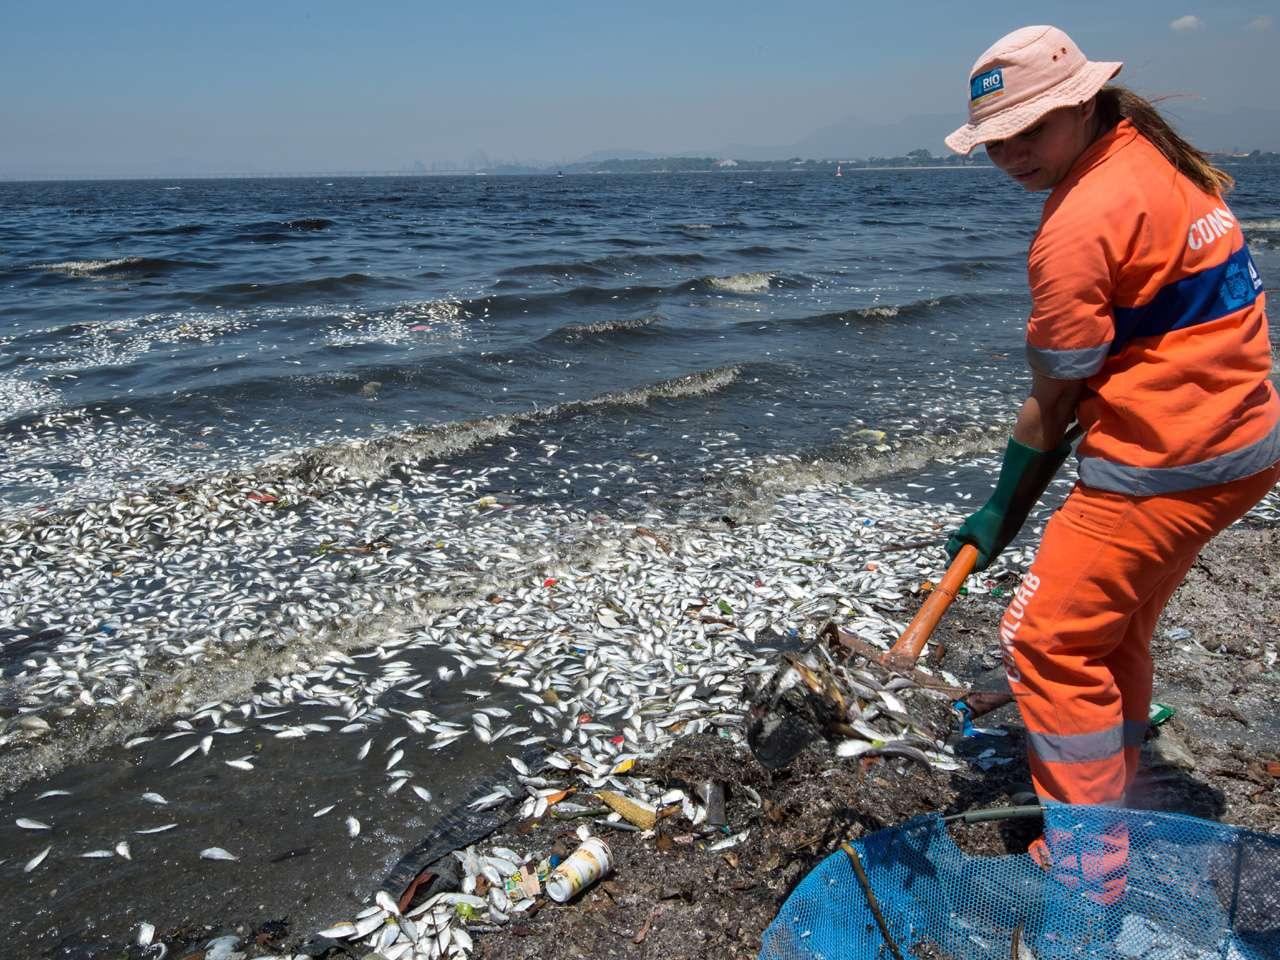 Trabajadores municipales remueven miles de peces muertos de la Bahía de Guanabara, cerca del aeropuerto internacional de Río de Janeiro, Brasil. Foto: AFP en español